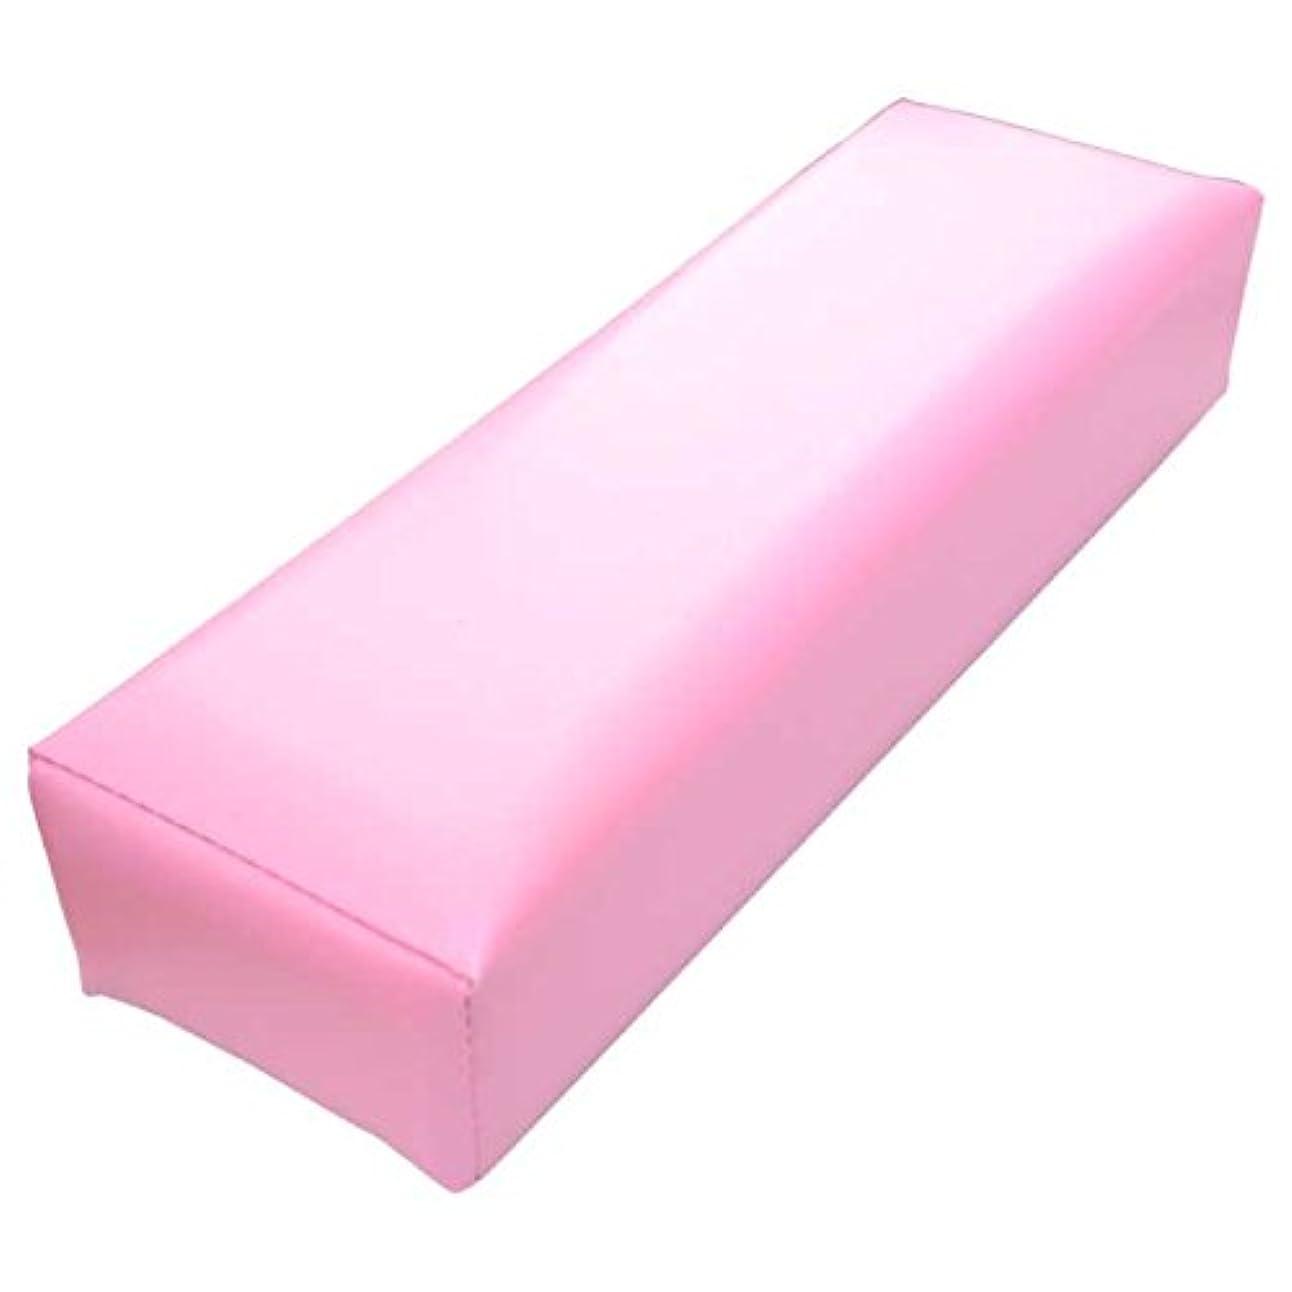 戻るジュラシックパーク悪の低反発 クッション 素材 ネイル用 アームレスト D9cm×W30cm×6cm ソフト ピンク 腕枕 手枕